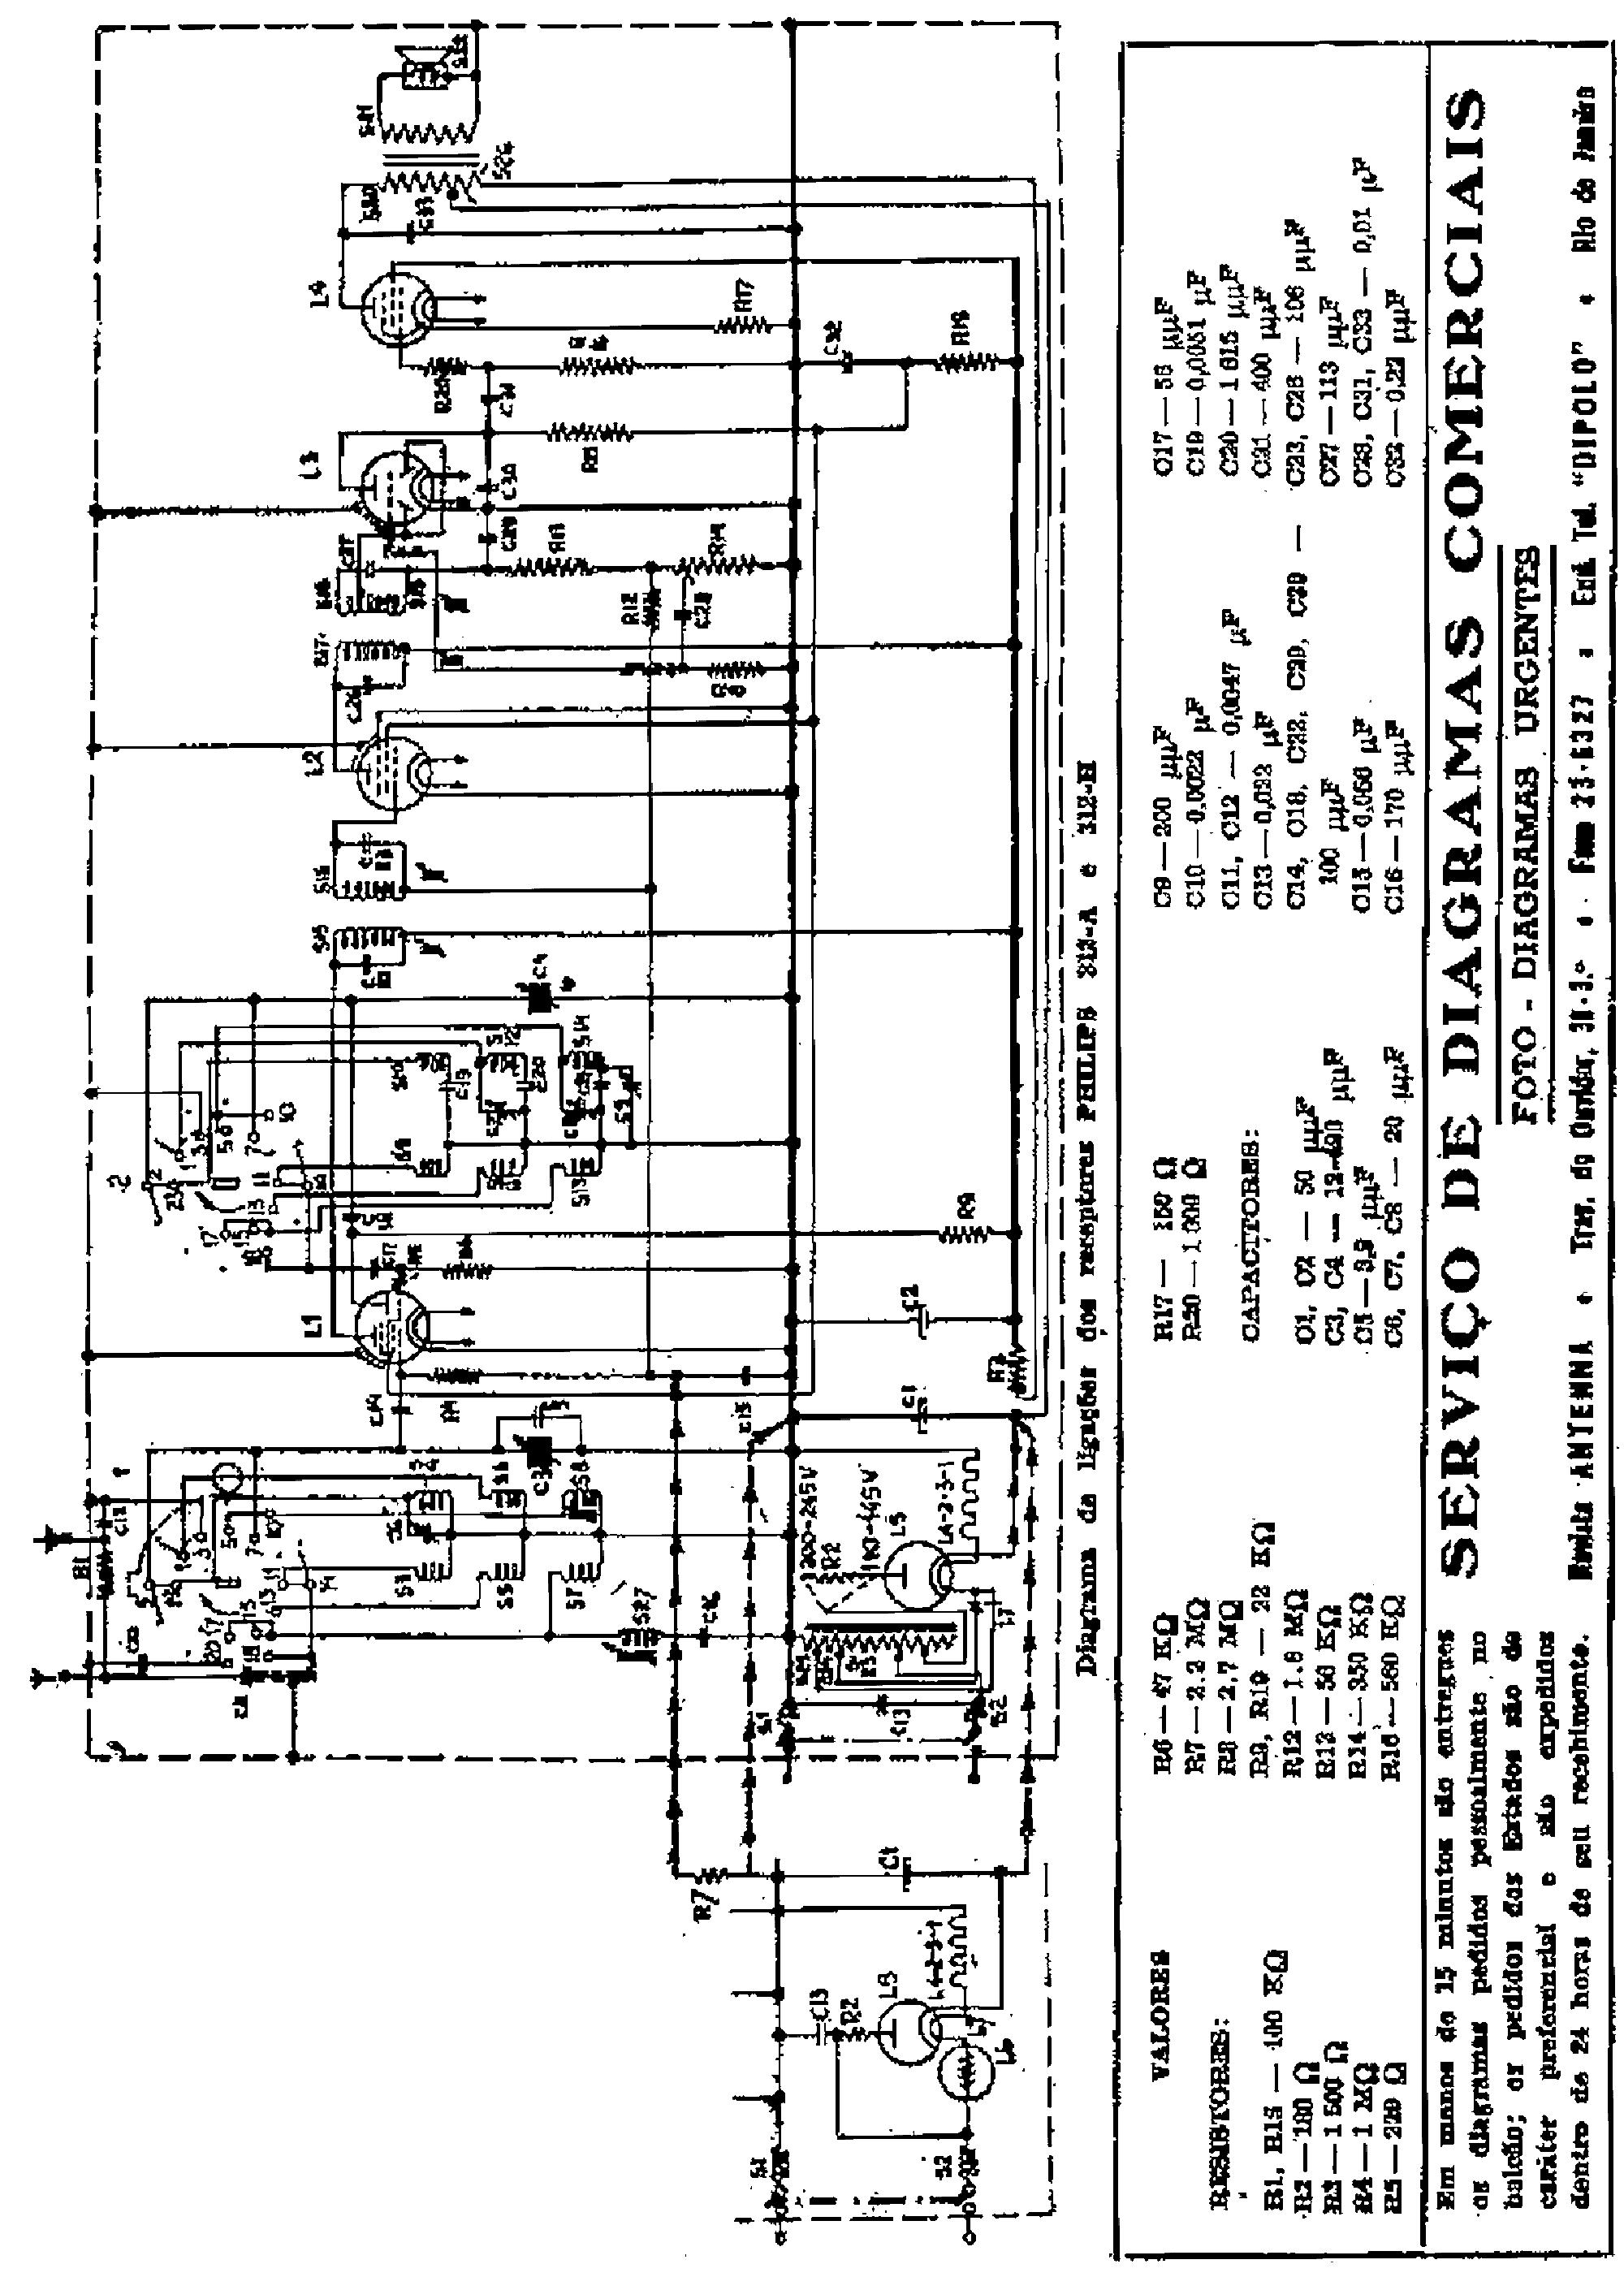 PHILIPS 312A E312H RADIO 1946 SM Service Manual download